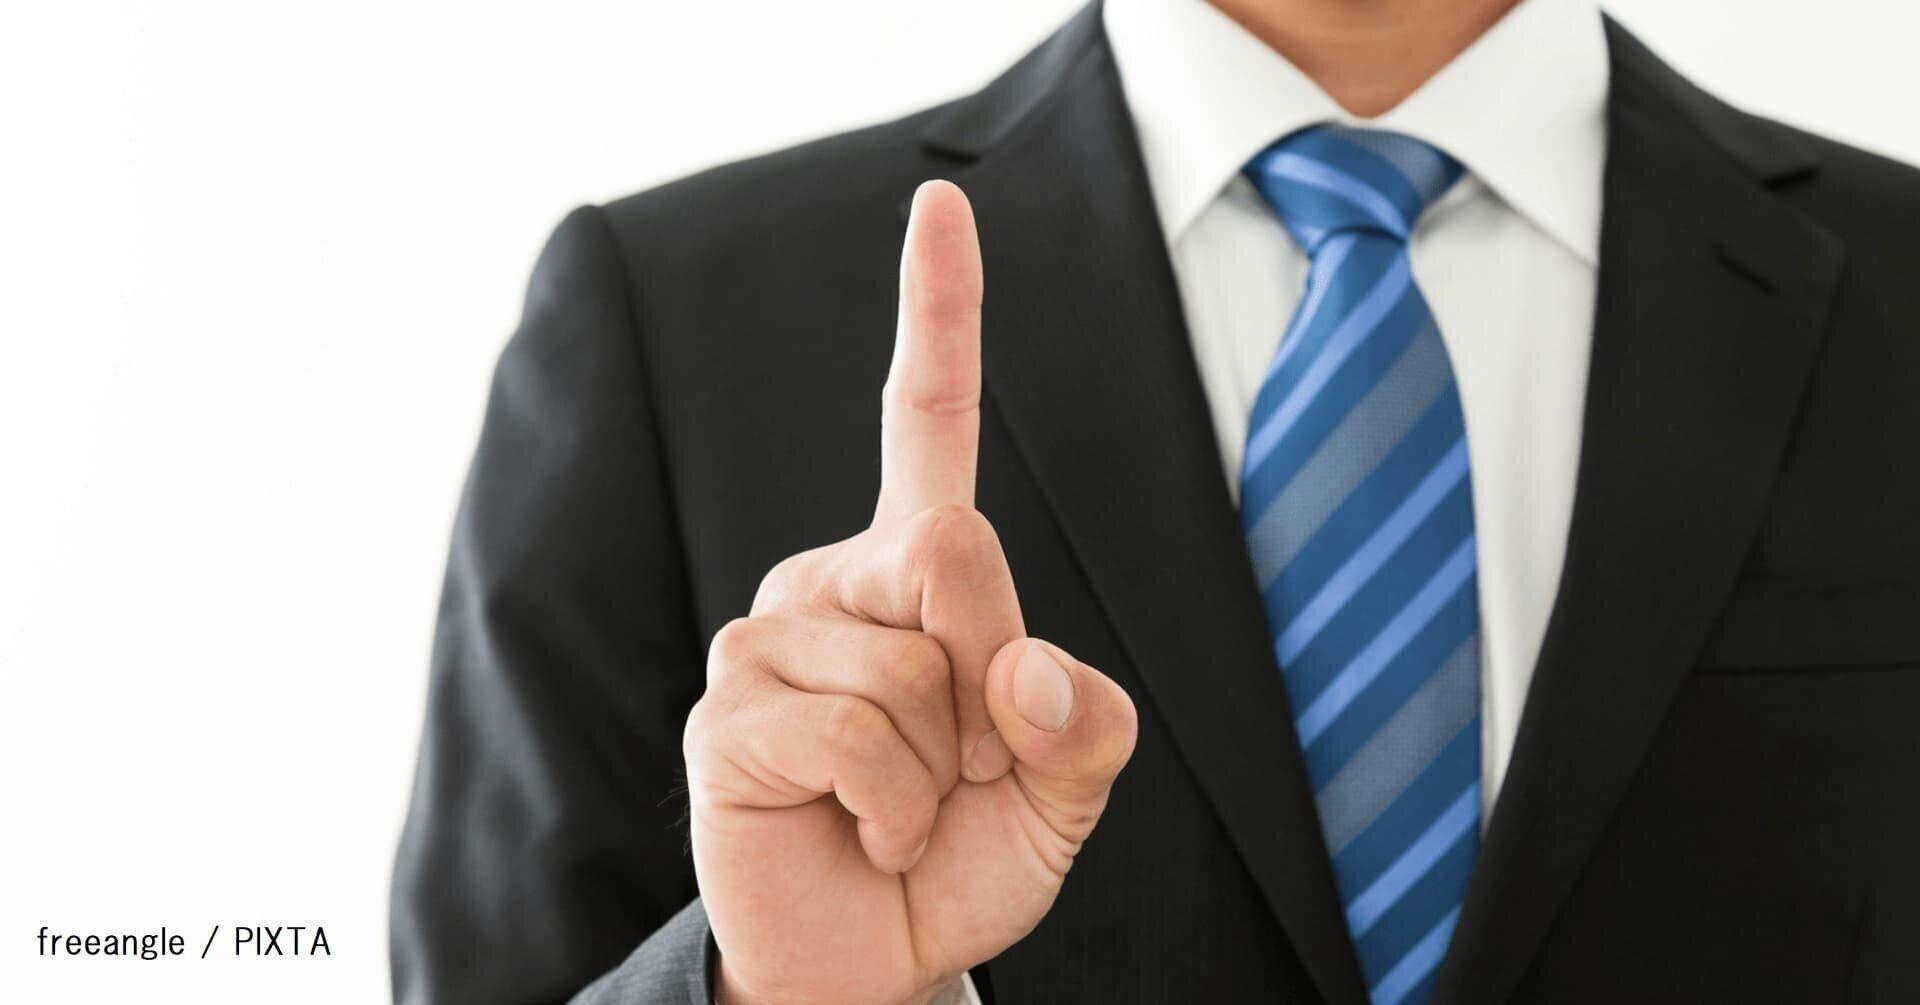 仕事の優先順位のつけ方とタイムマネジメント~若手社員に教えたい!